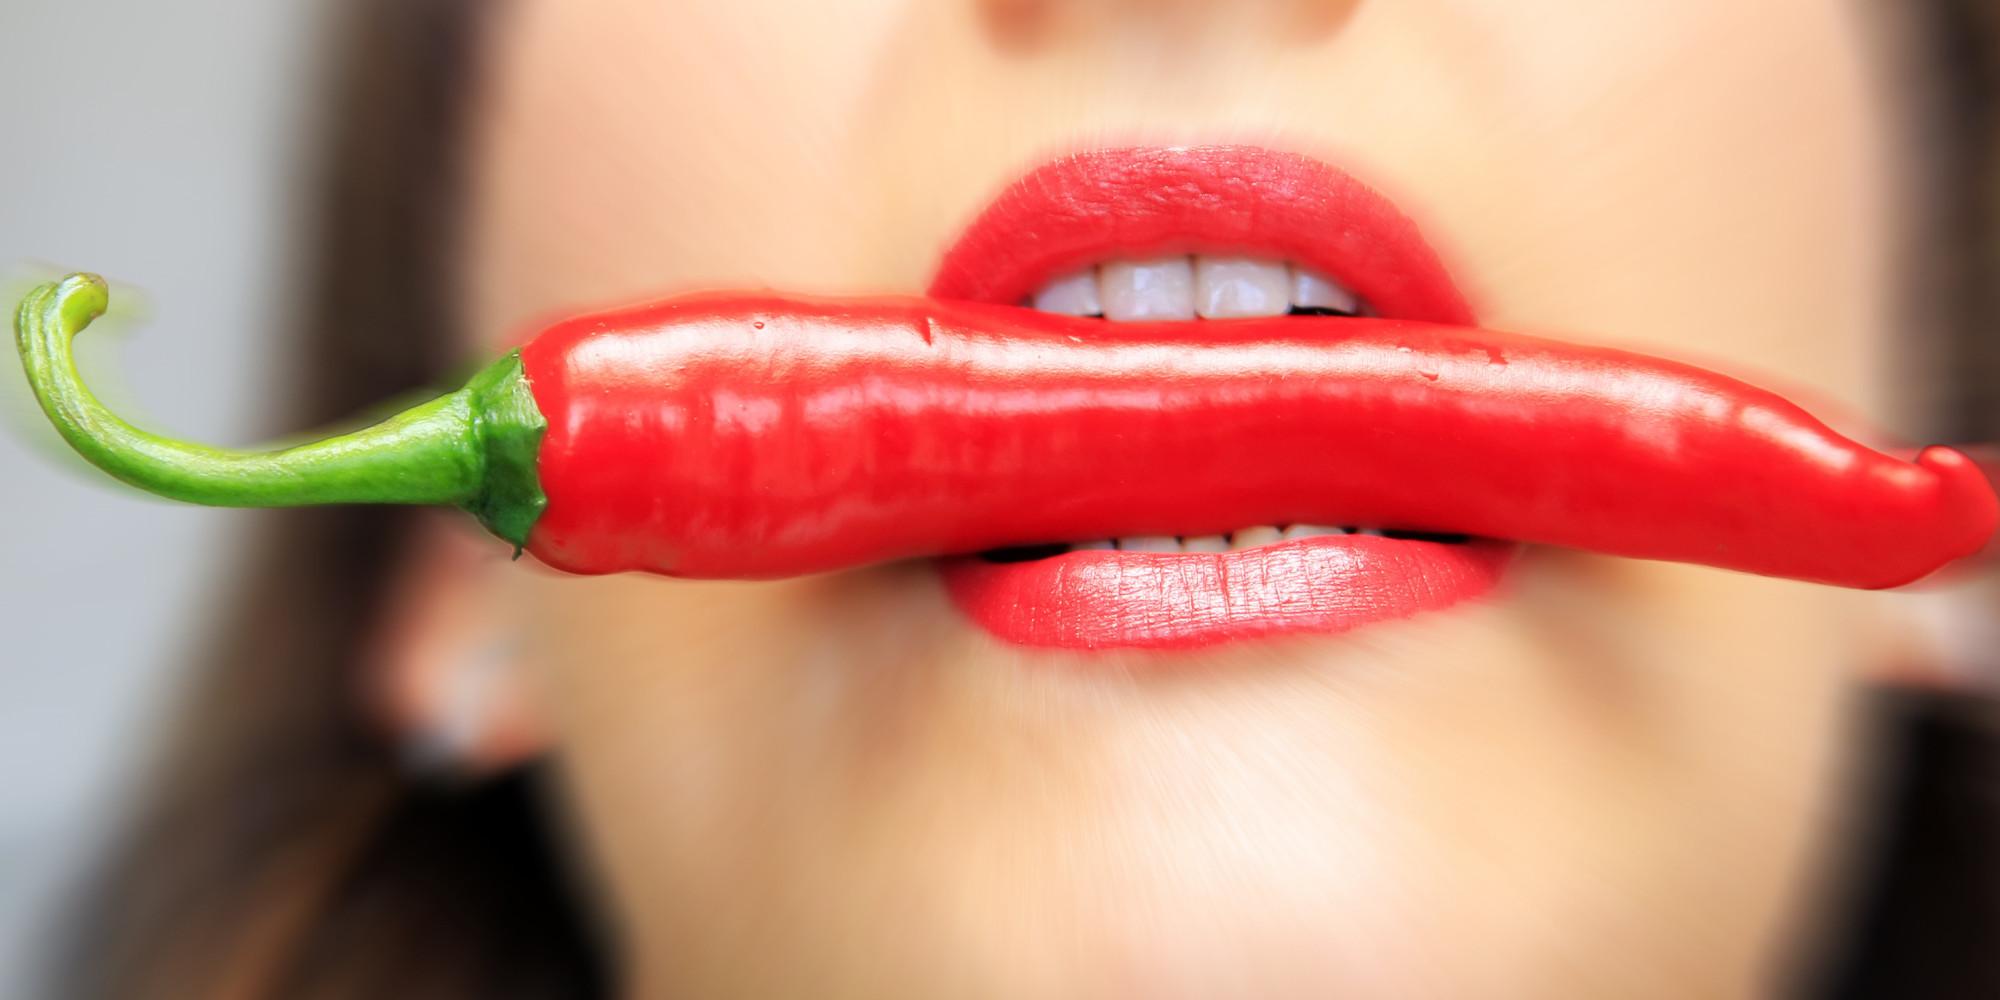 Η καυτερή πιπεριά δεν βοηθάει